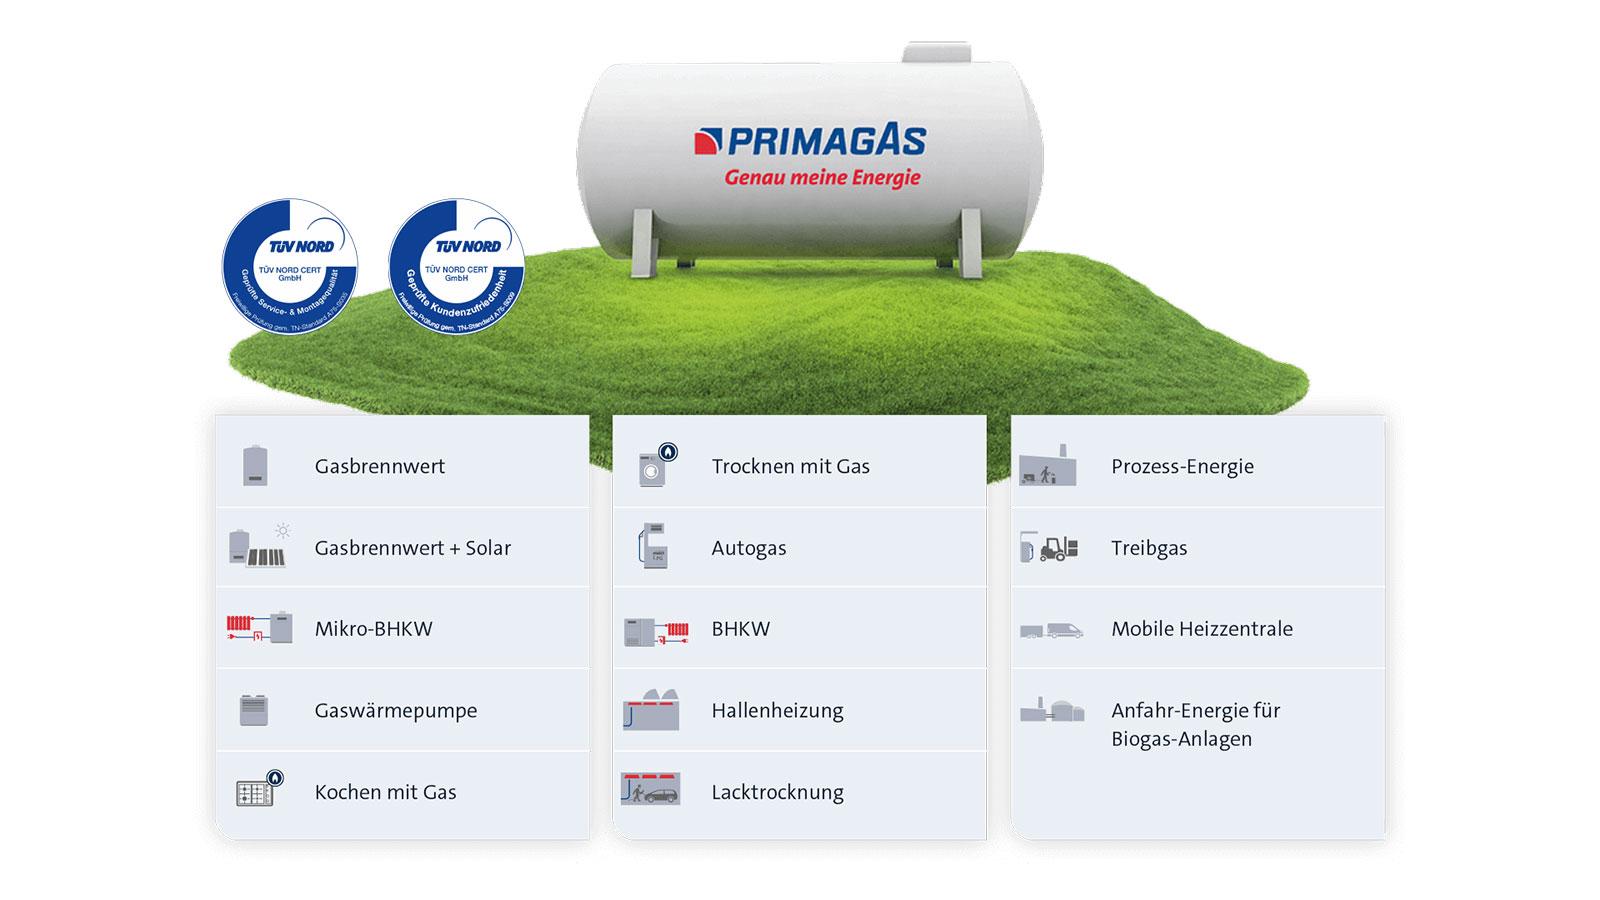 Anwendungen von Bio-Flüssiggas von Gasbrennwert bis Biogas-Anlagen.